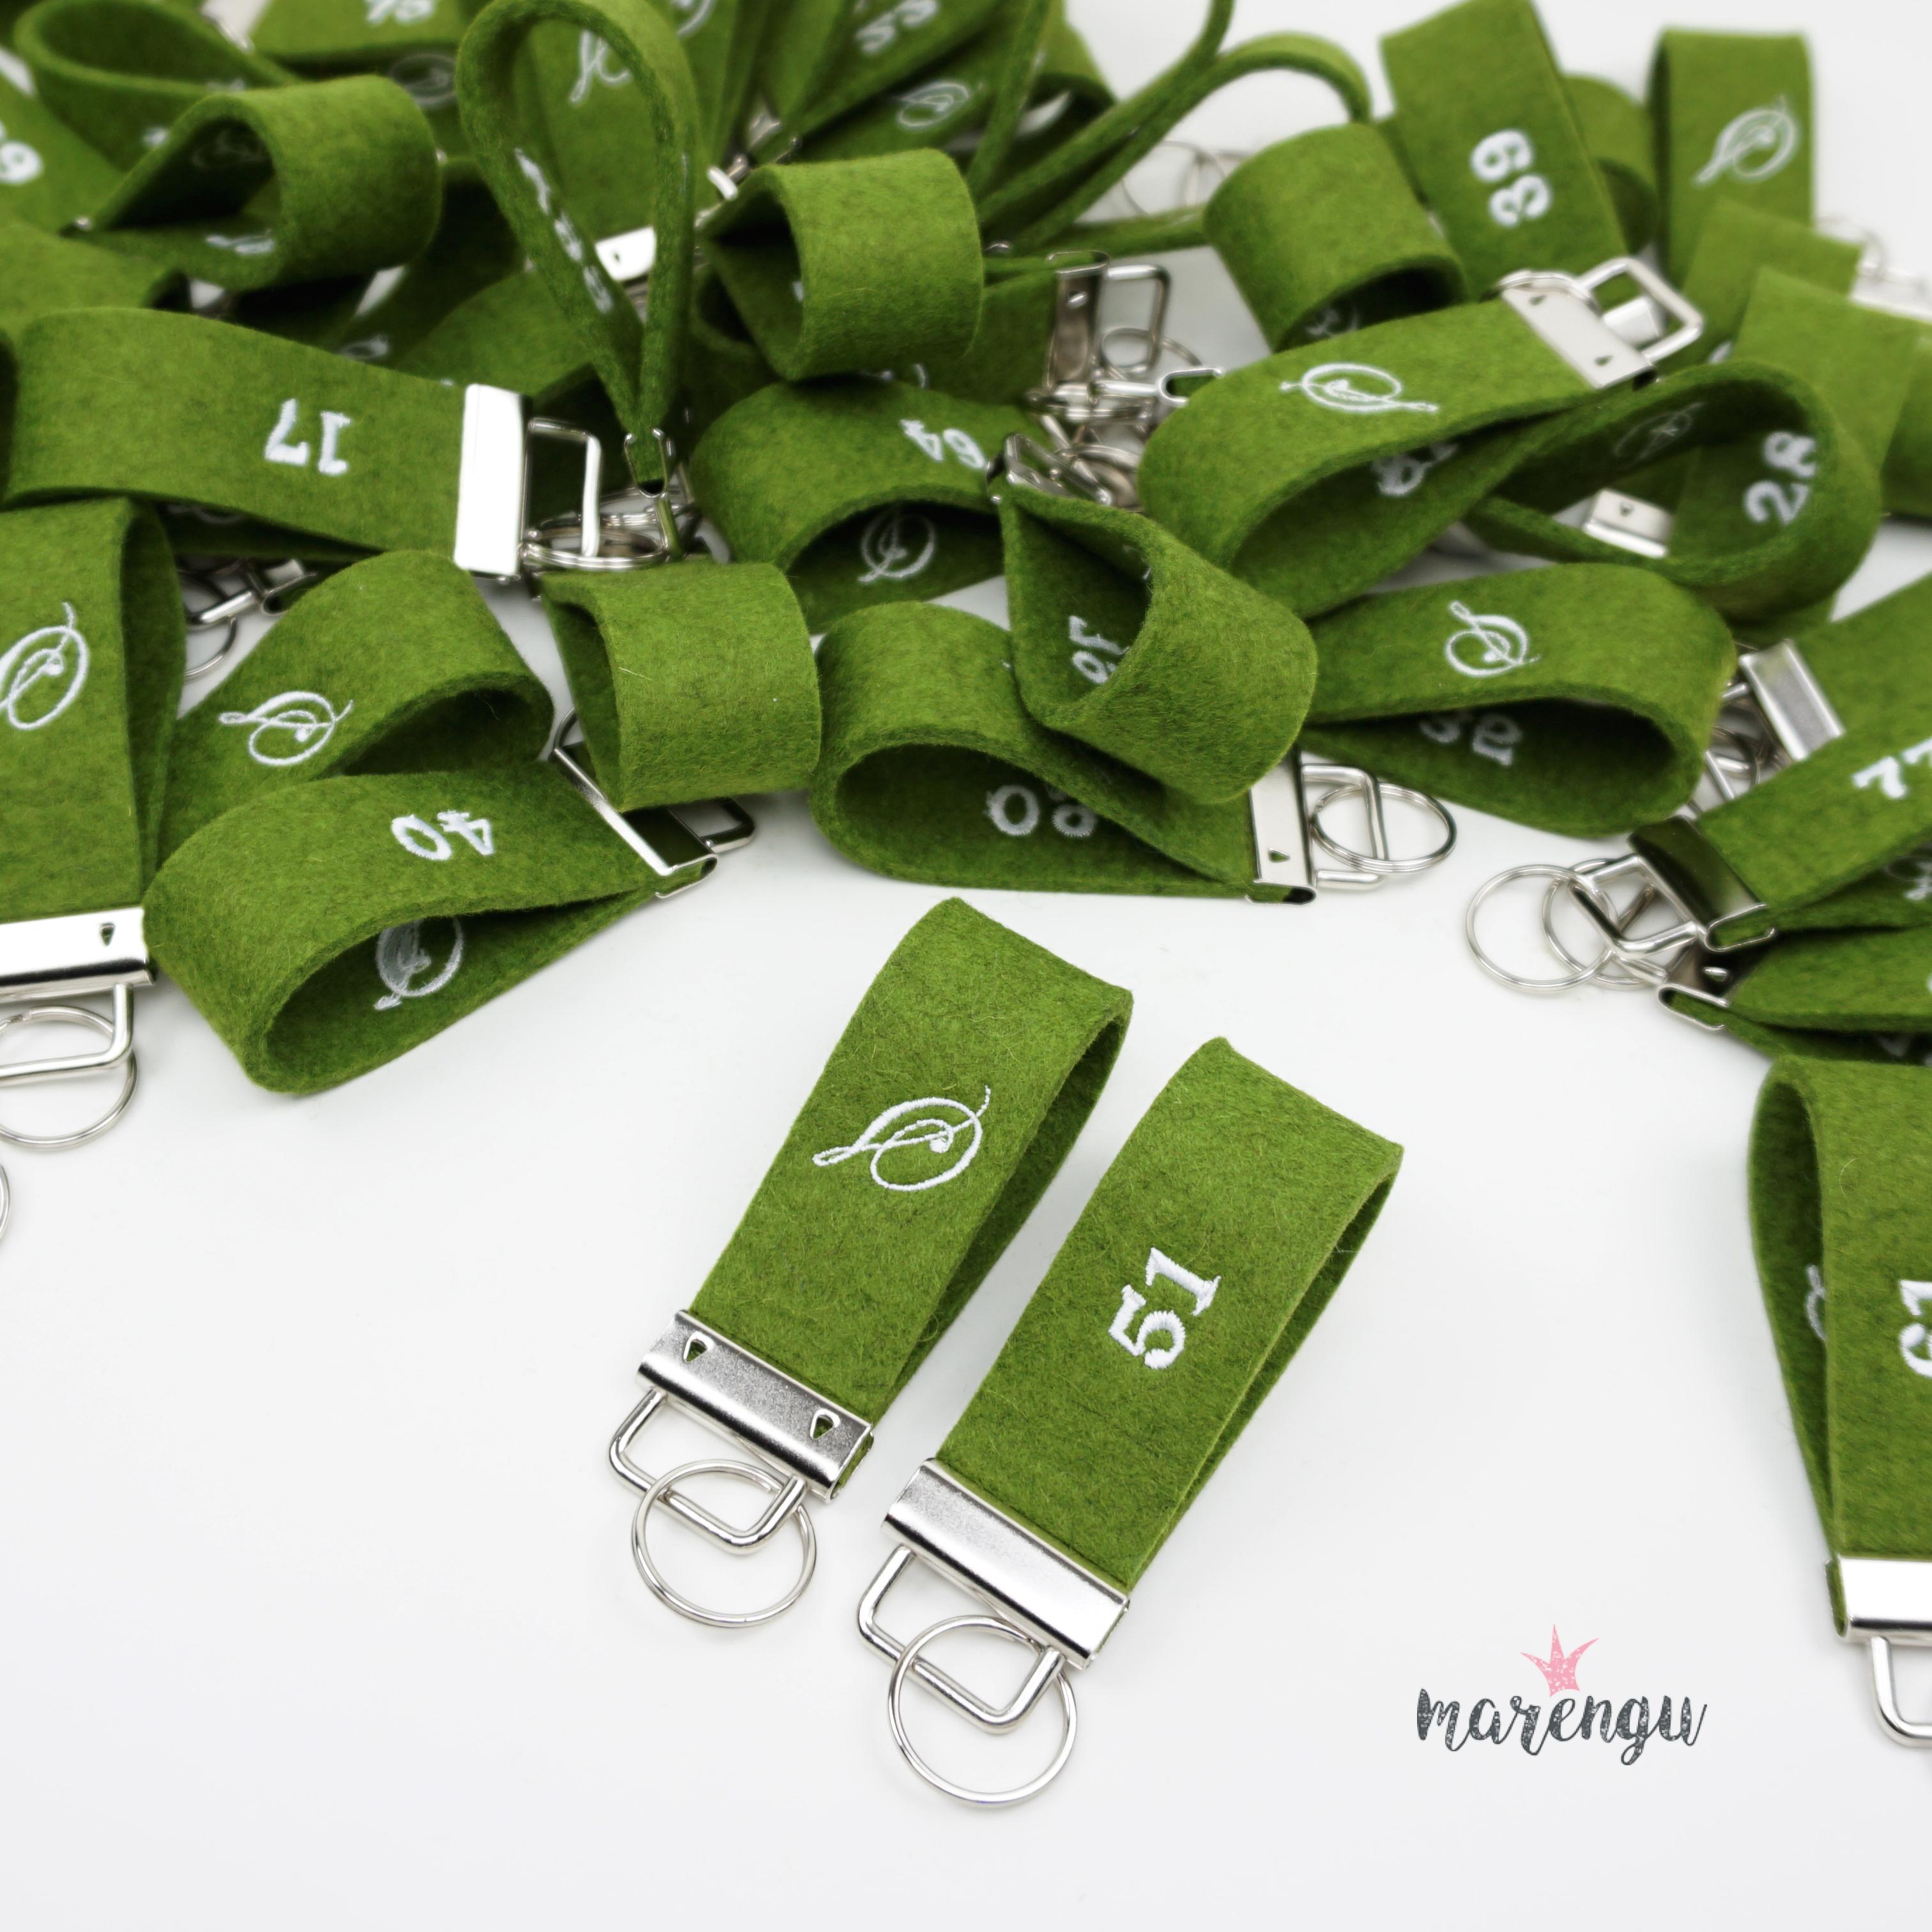 Hotel La Siala - Bestickte Schlüsselanhänger aus Wollfilz mit Logo und Zimmernummer - marengu